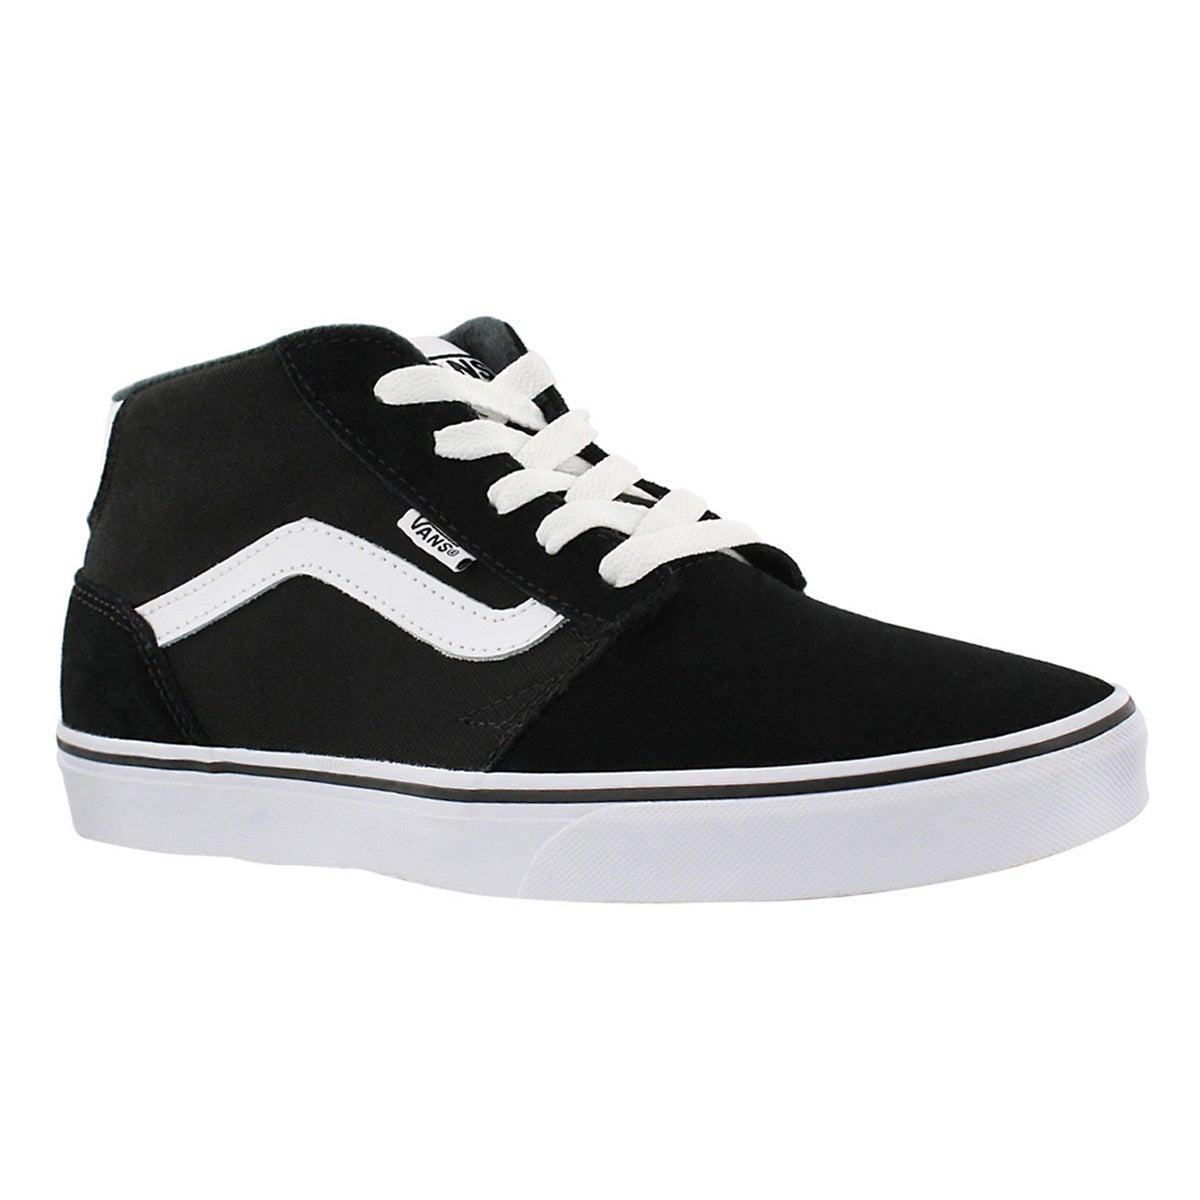 Mns Chapman Mid black/white sneaker